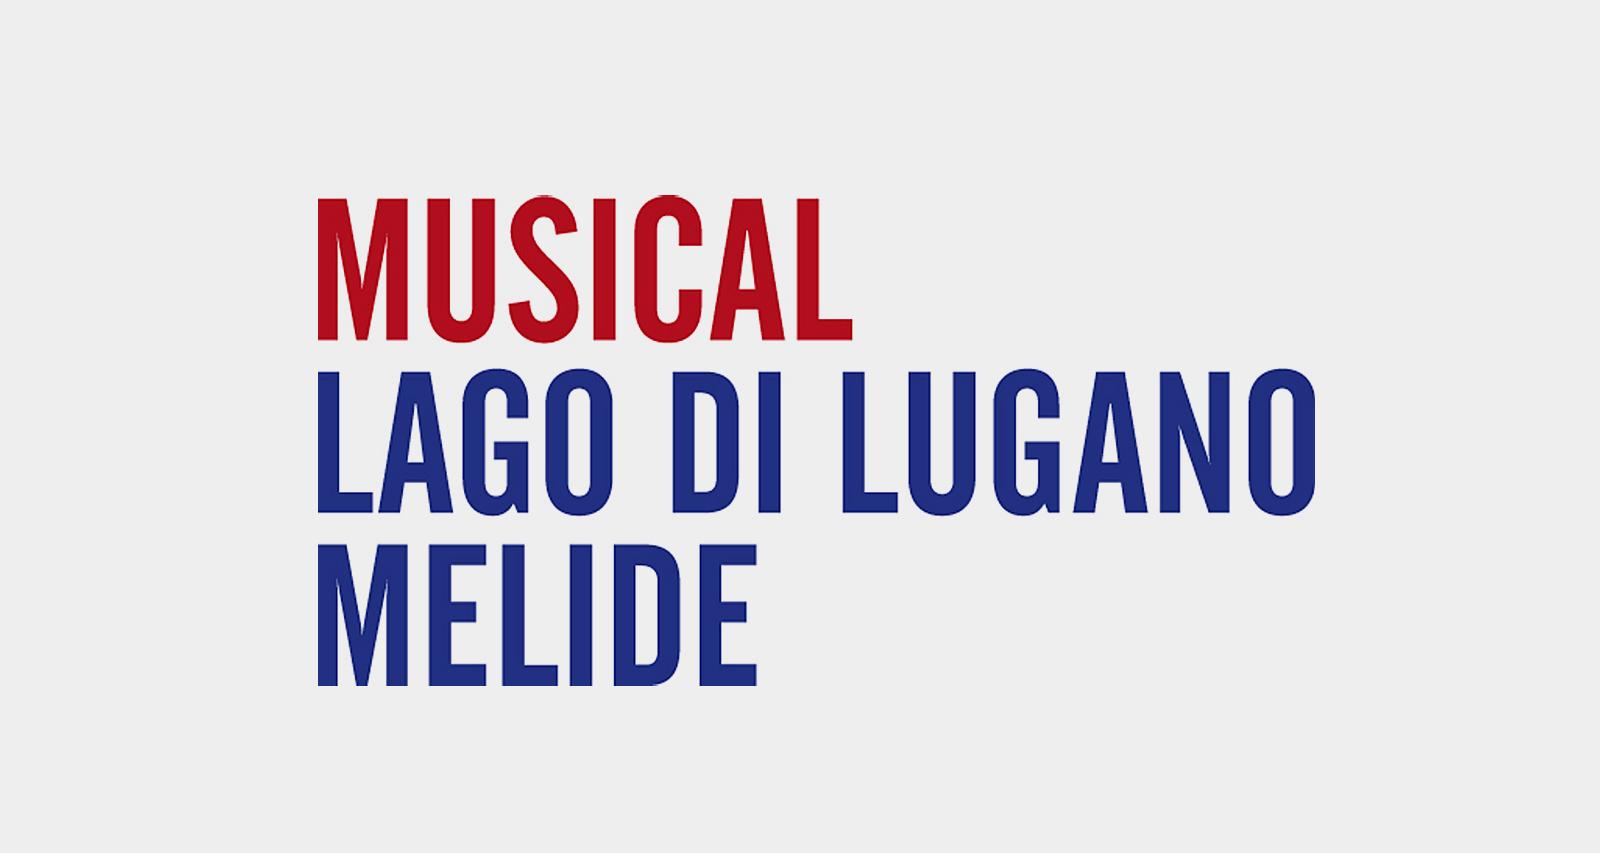 MUSICAL LAGO DI LUGANO